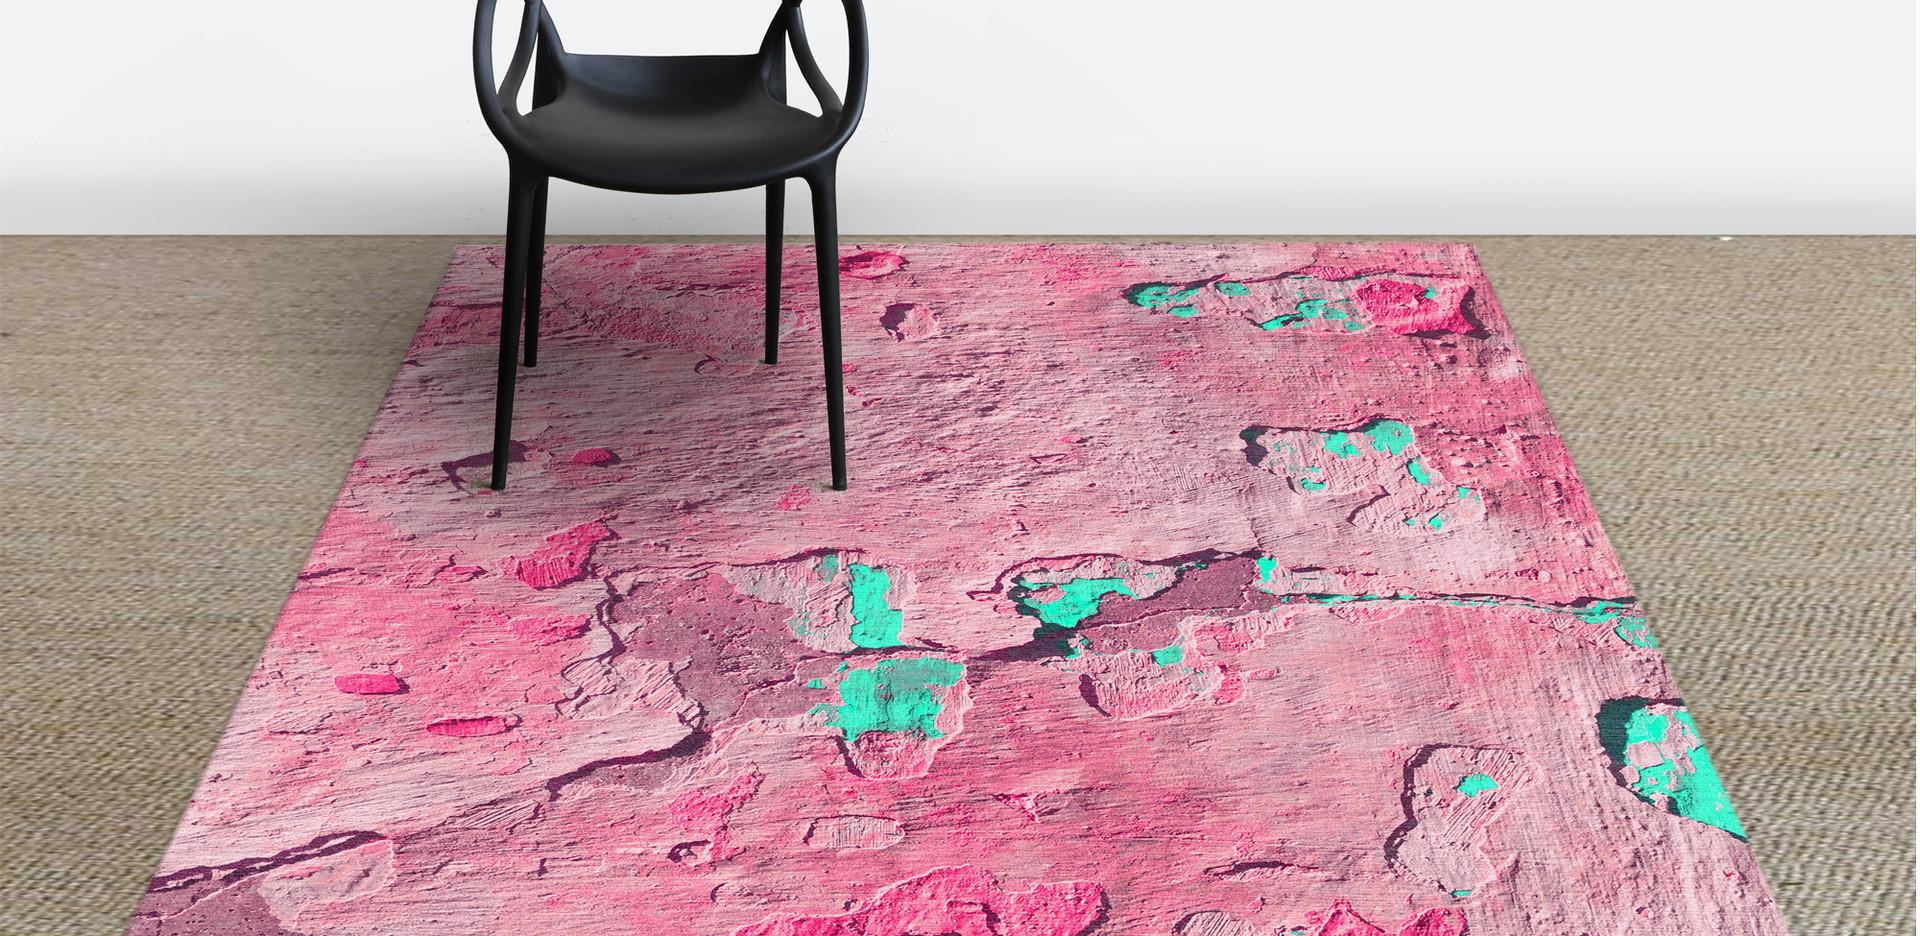 Peeling pink&green rug in room LR.jpg